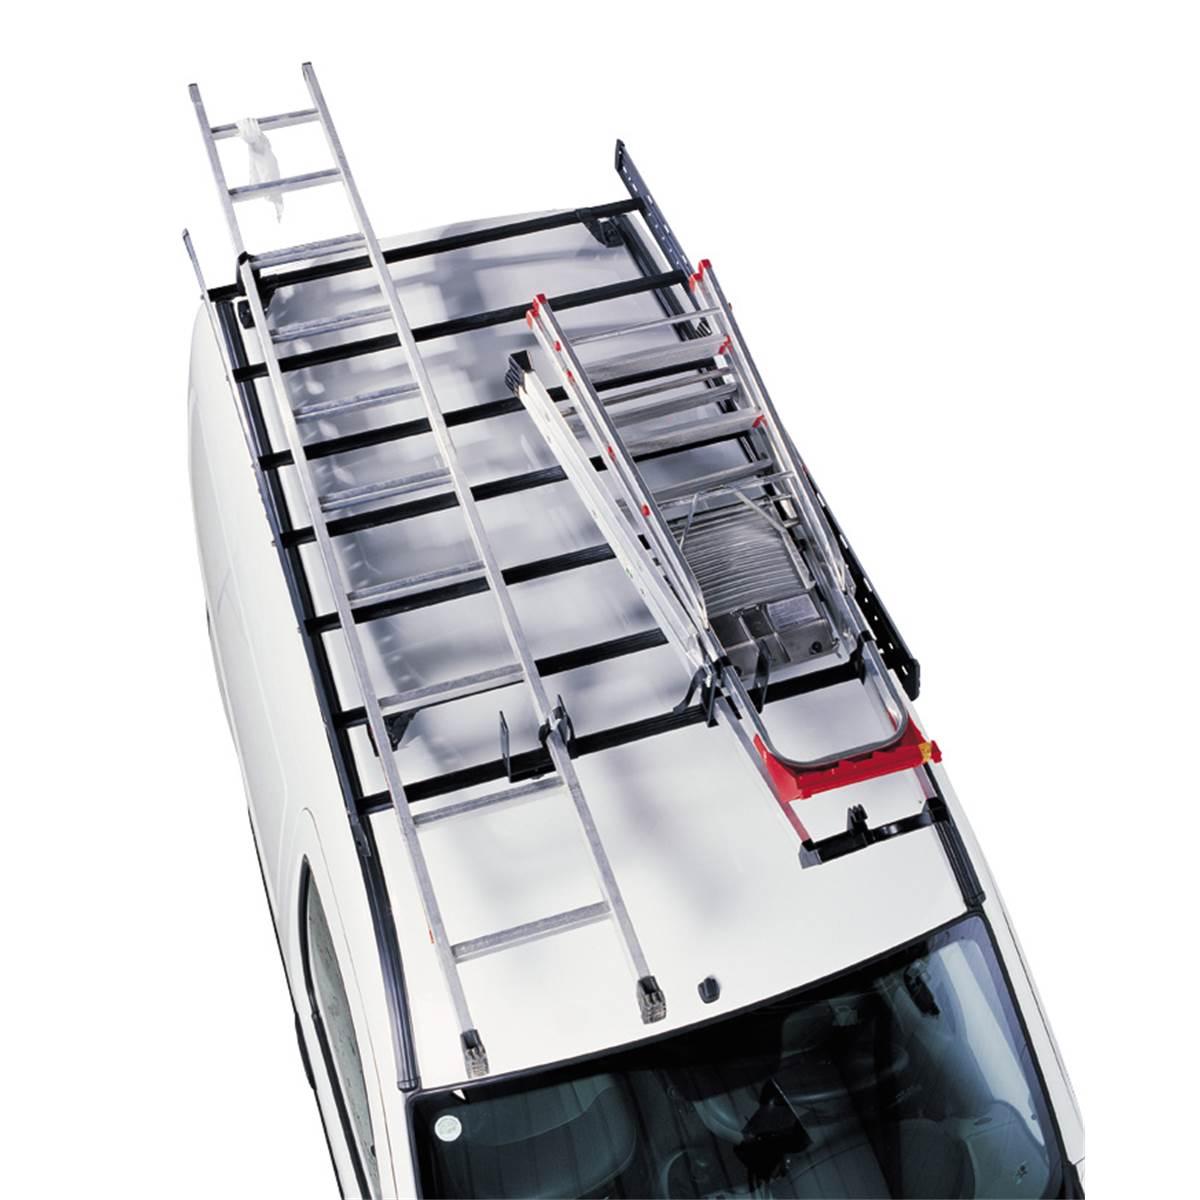 Galerie pour véhicule utilitaire PRO DECK MONT BLANC 510